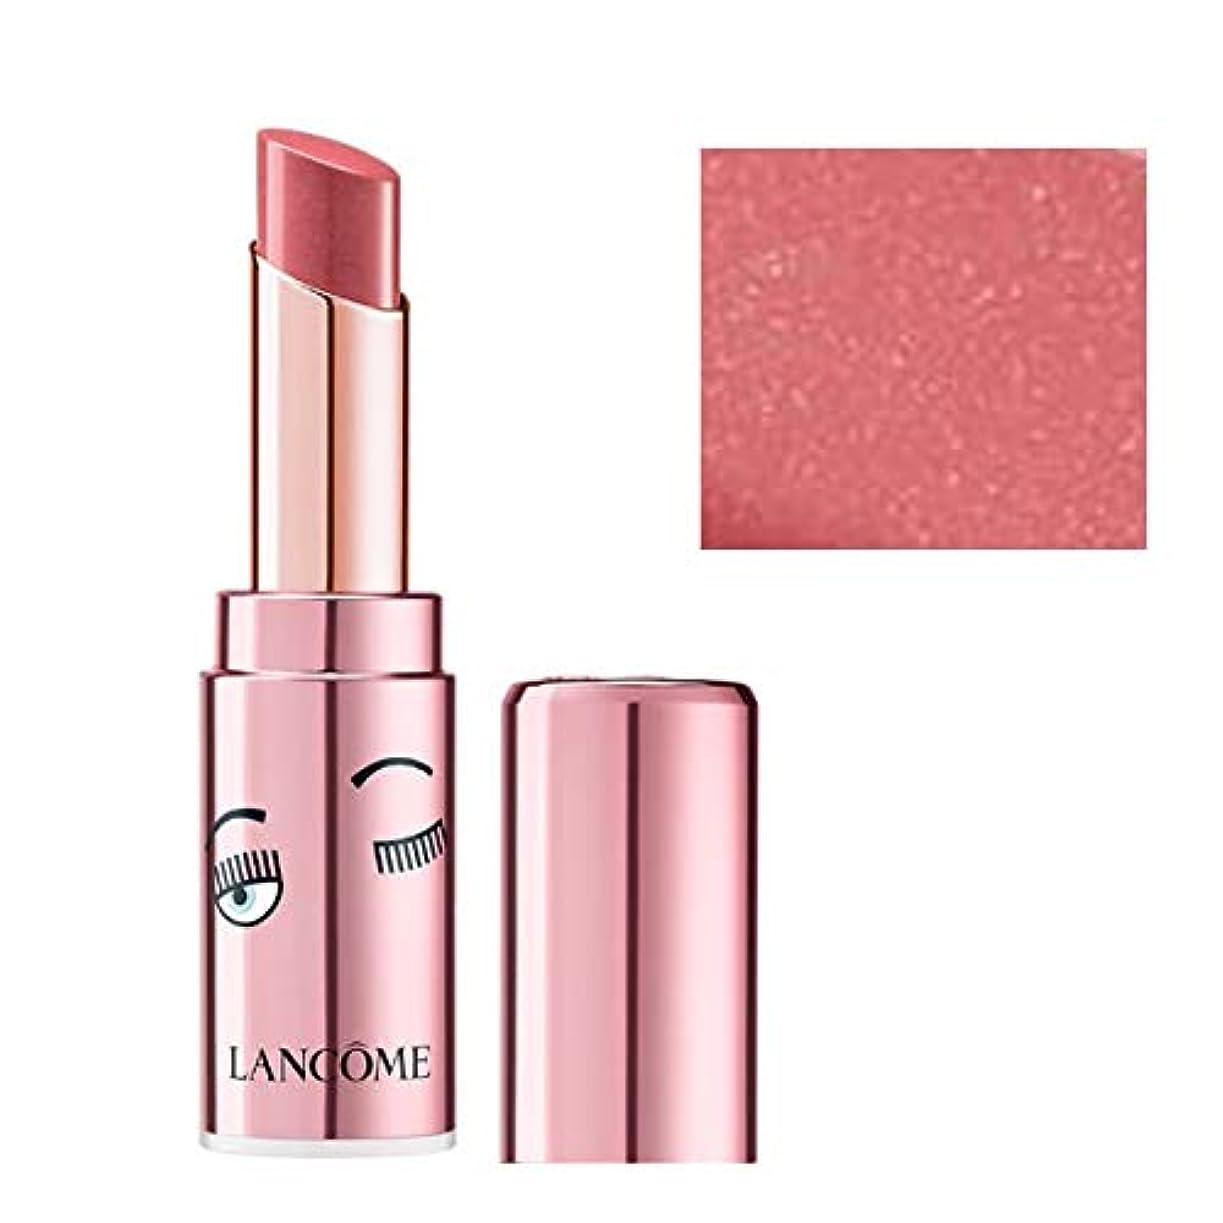 彼の製油所仕様ランコム(LANCOME), 限定版 limited-edition, x Chiara Ferragni L'Absolu Mademoiselle Shine Balm Lipstick - Independent...